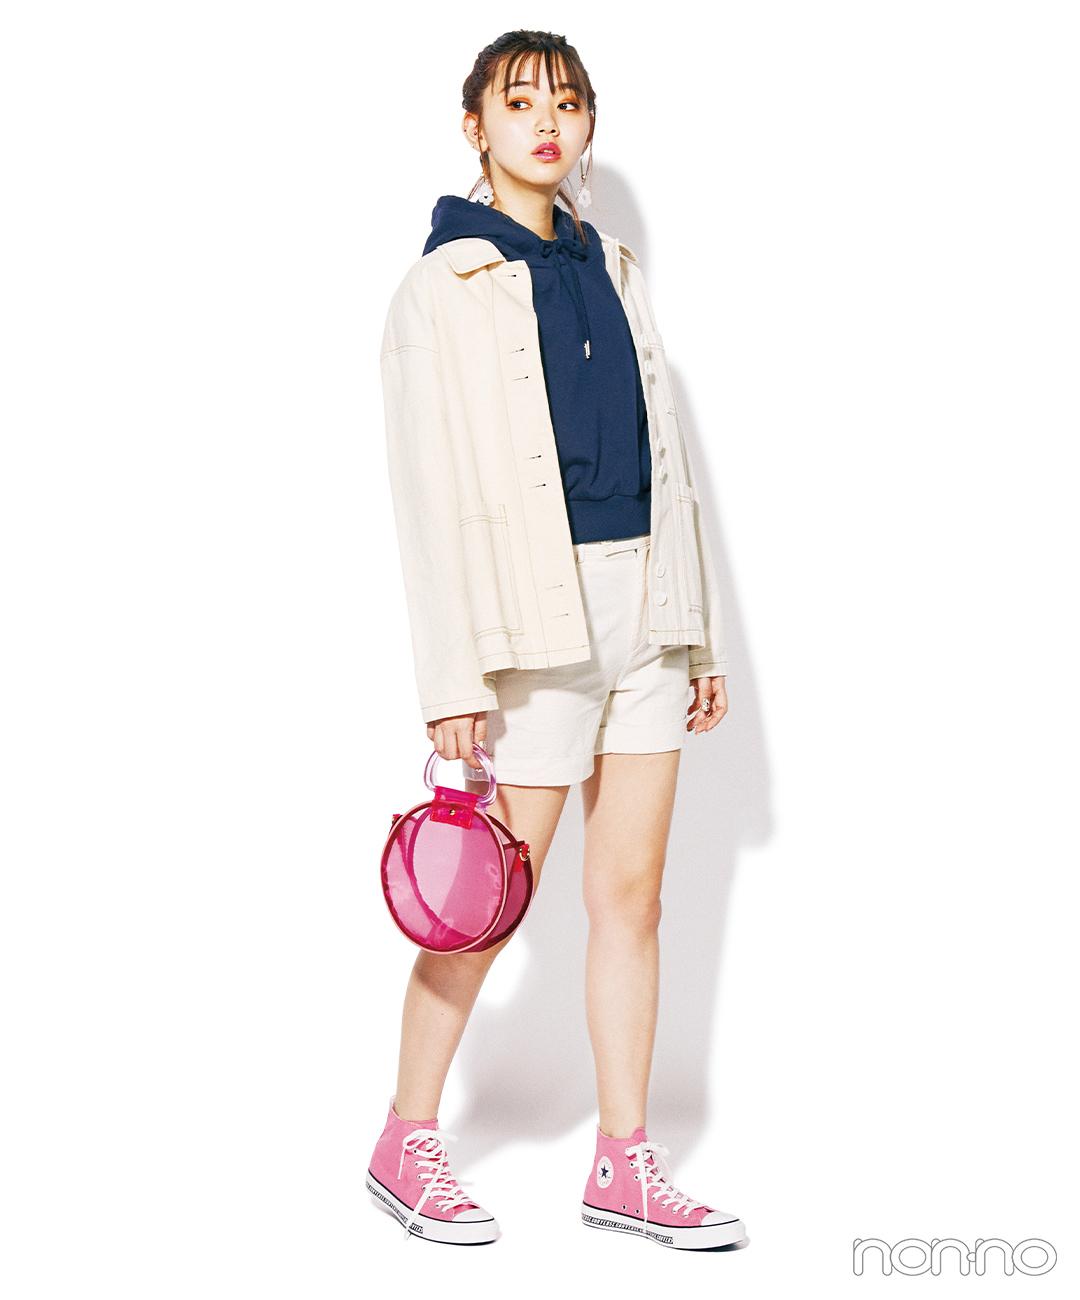 【春→夏ショートパンツコーデ】アイボリーのジャケット×ショートパンツ